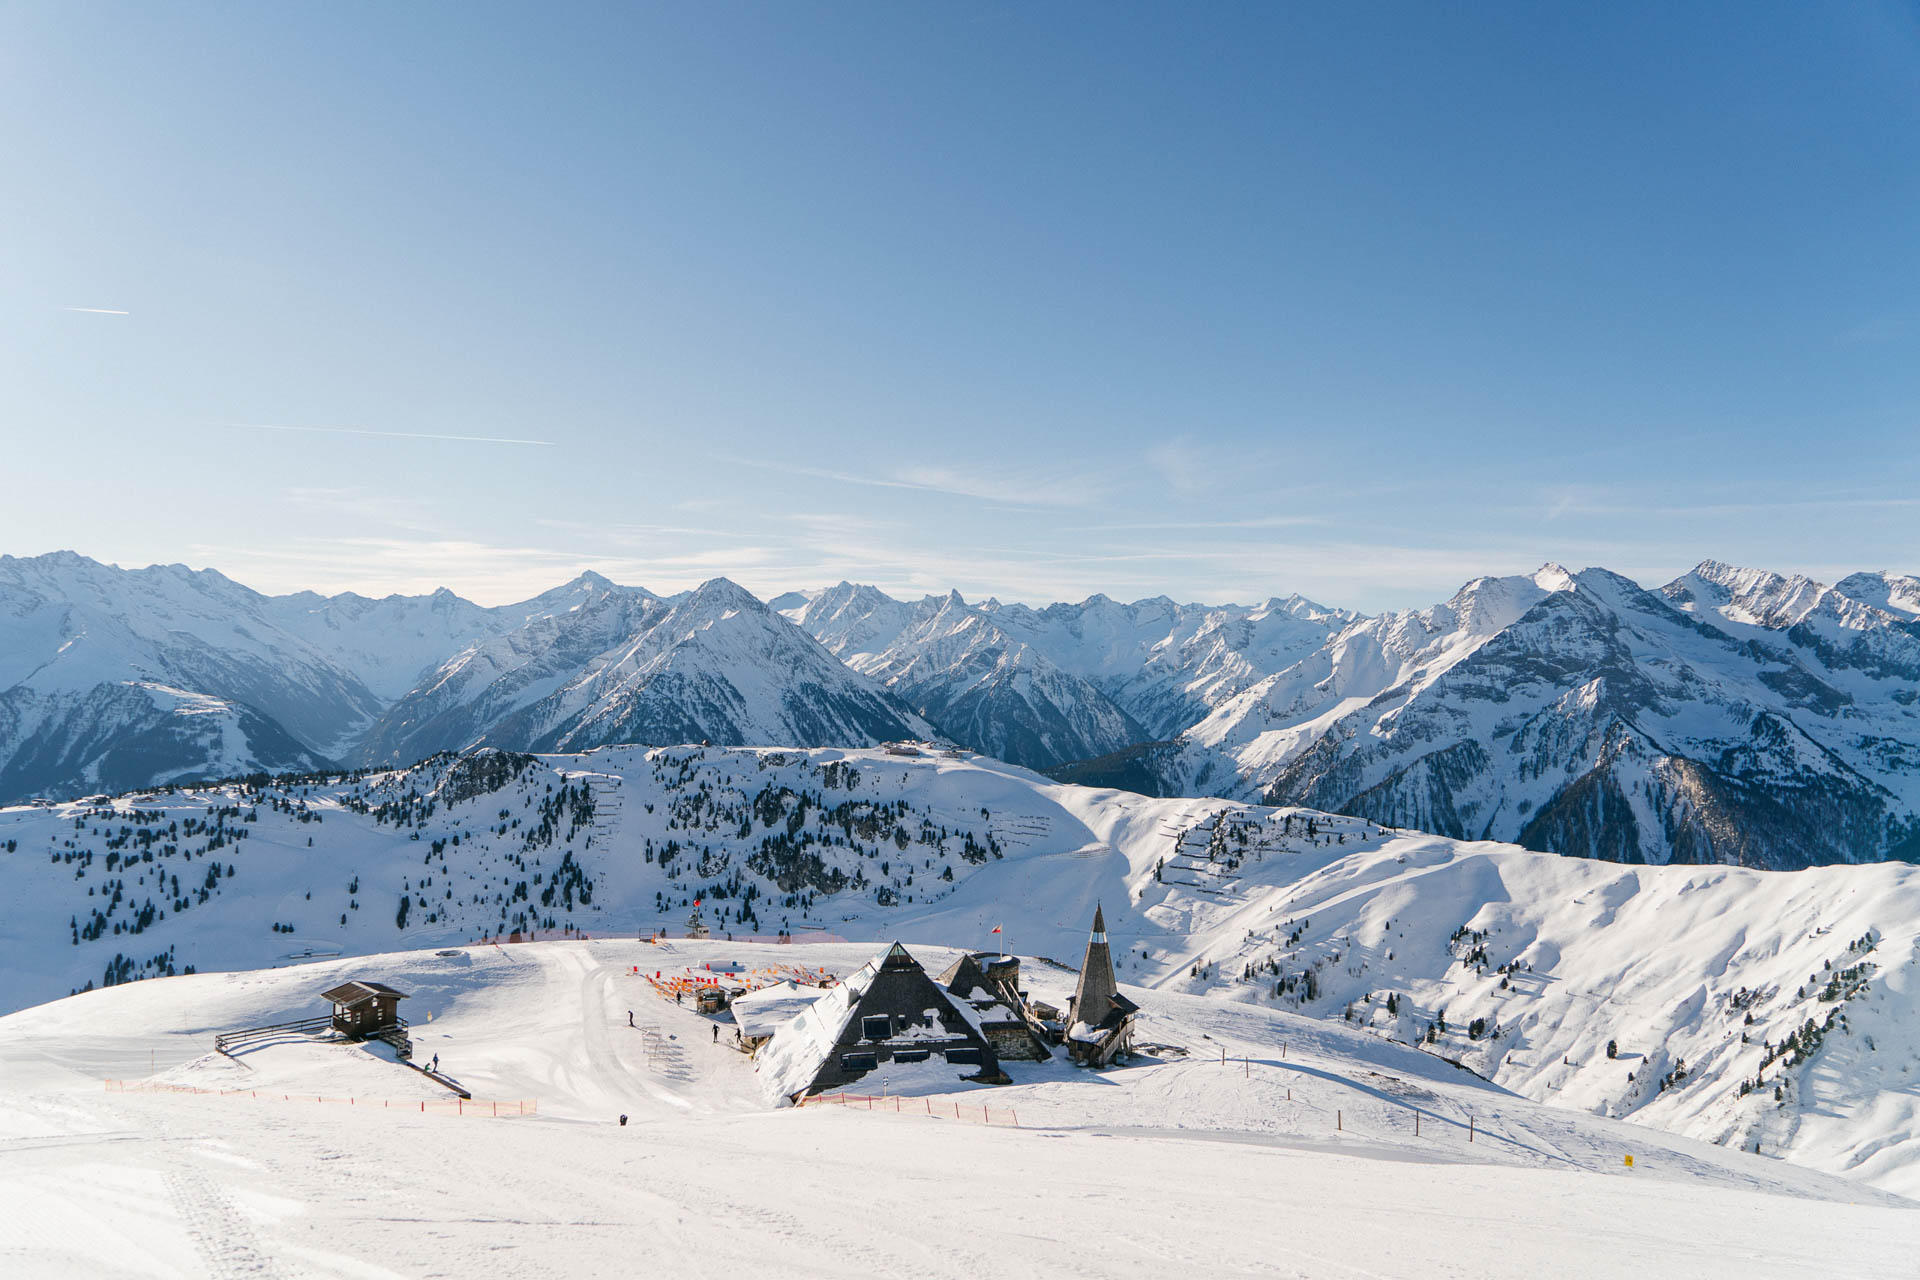 Blick auf die Schneekarhütte im Skigebiet vom Zillertal